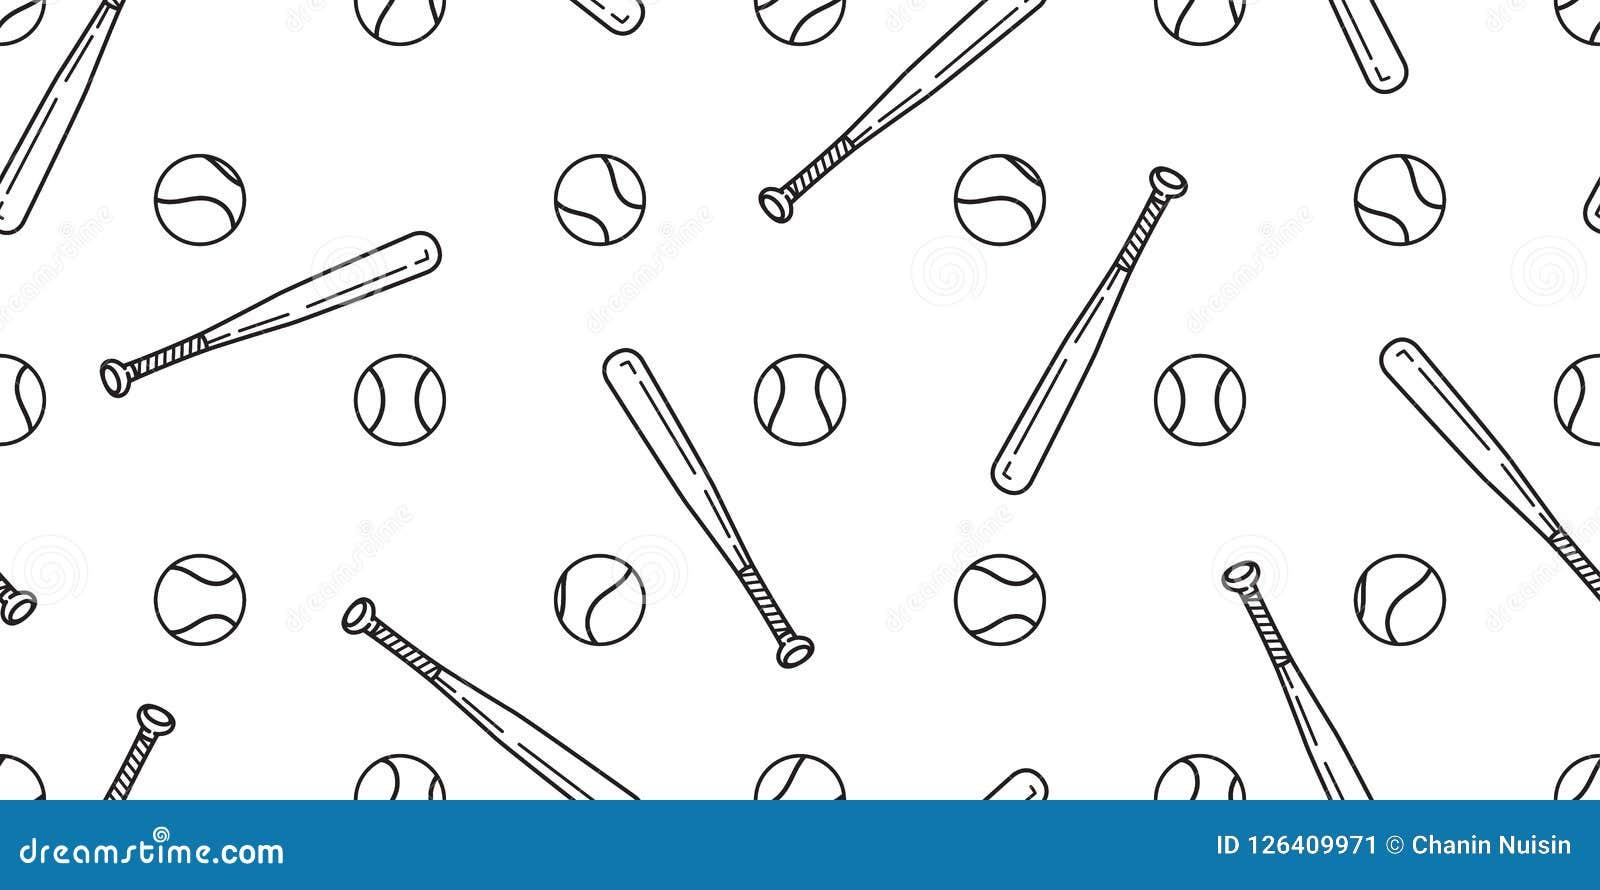 58bb7ca0672 Baseball Seamless pattern vector softball baseball bat scarf isolated tile background  wallpaper white. More similar stock illustrations